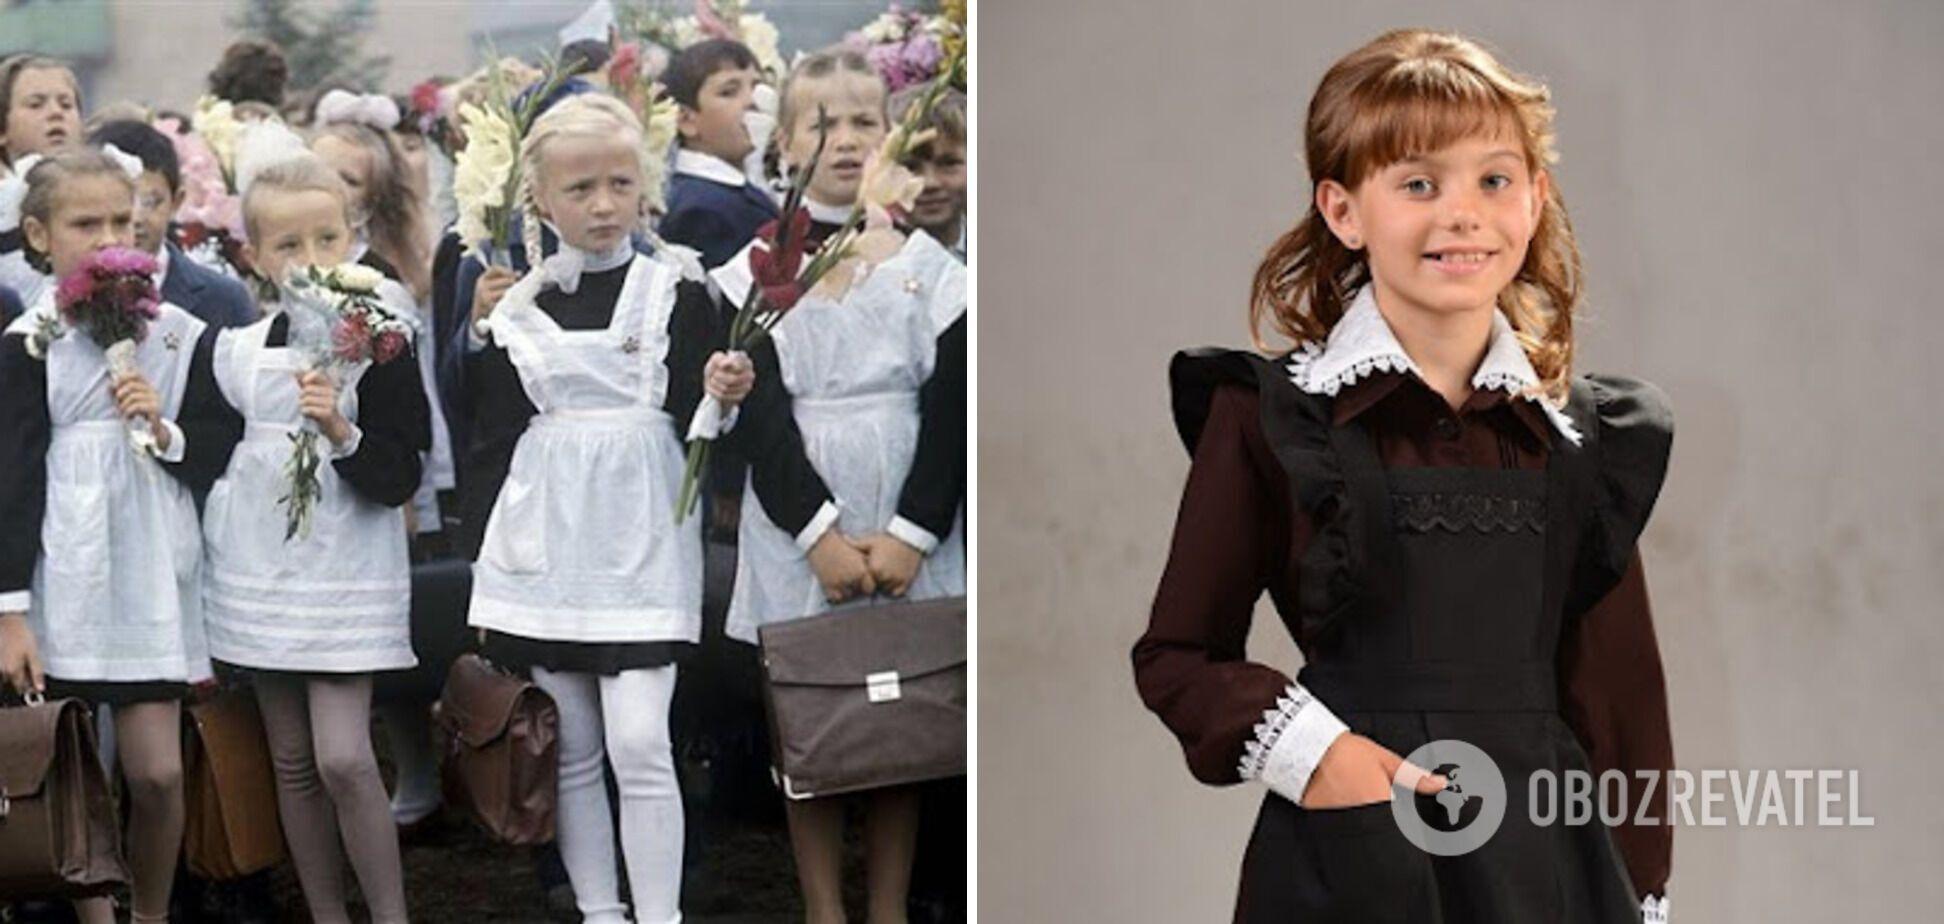 Усі школярі в СРСР були в однакових формах